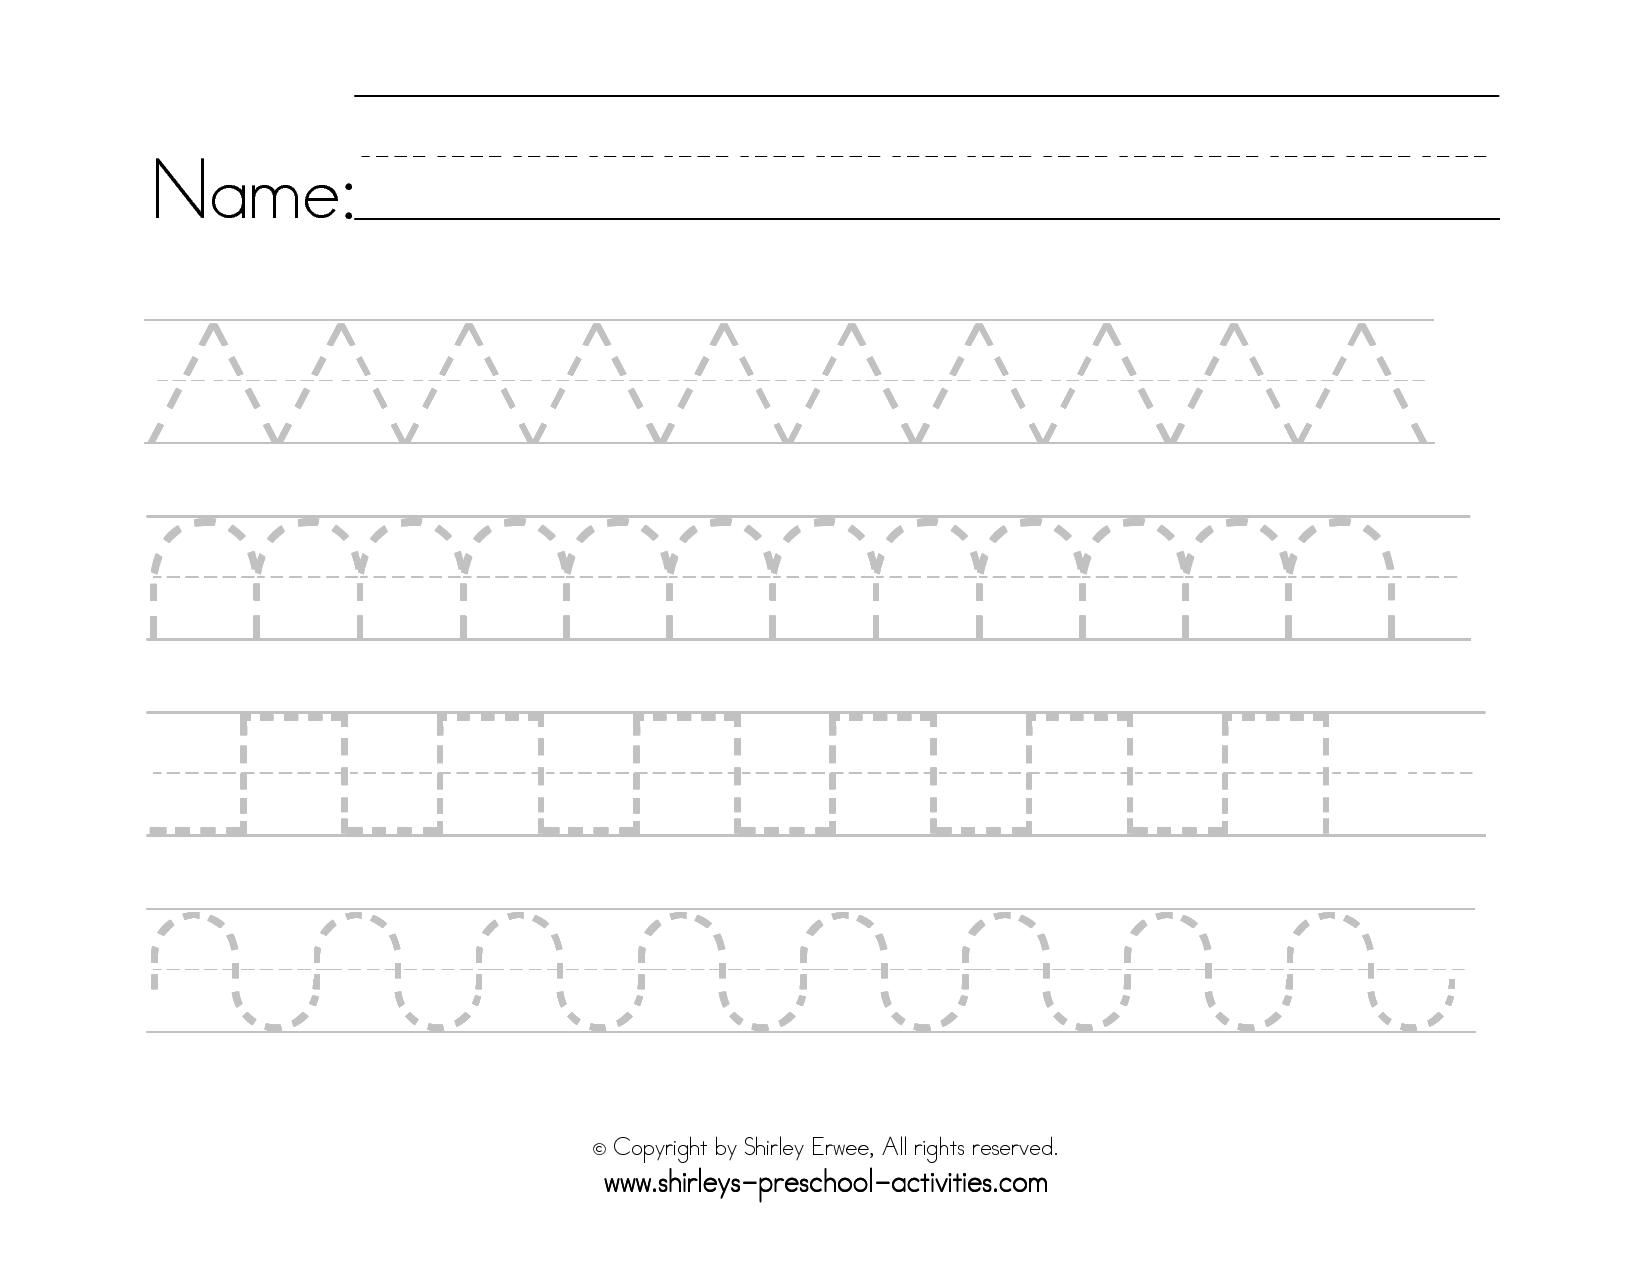 51 Handwriting Practice Sheets For Preschool Writing Worksheets Cursive Writing Worksheets Writing Practice Worksheets [ 1275 x 1650 Pixel ]